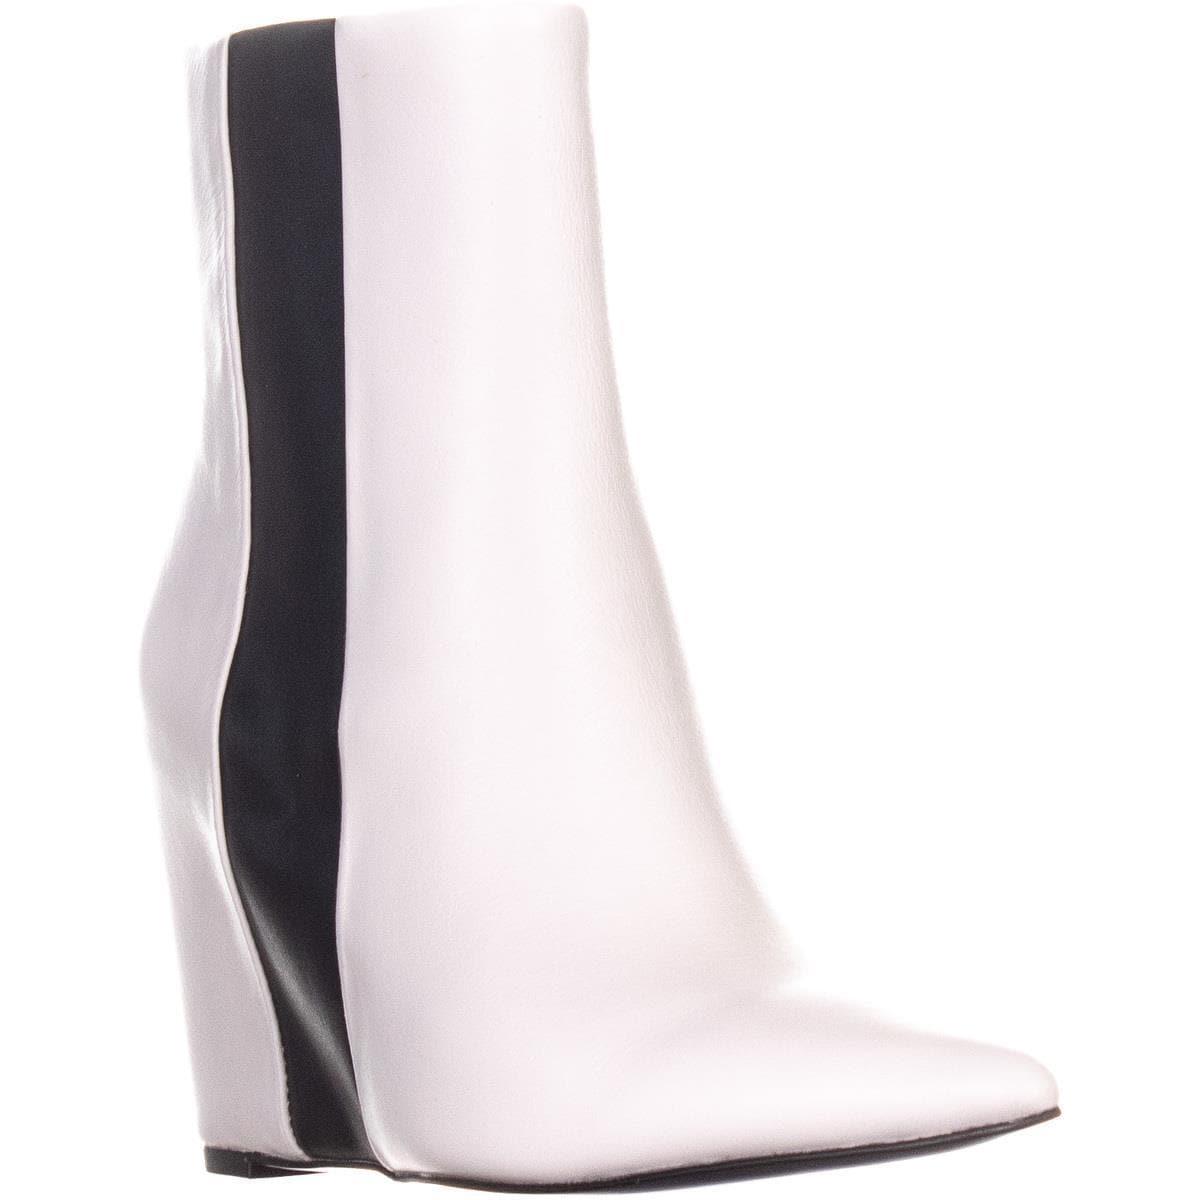 dd620cd0830 Buy Calvin Klein Women s Boots Online at Overstock